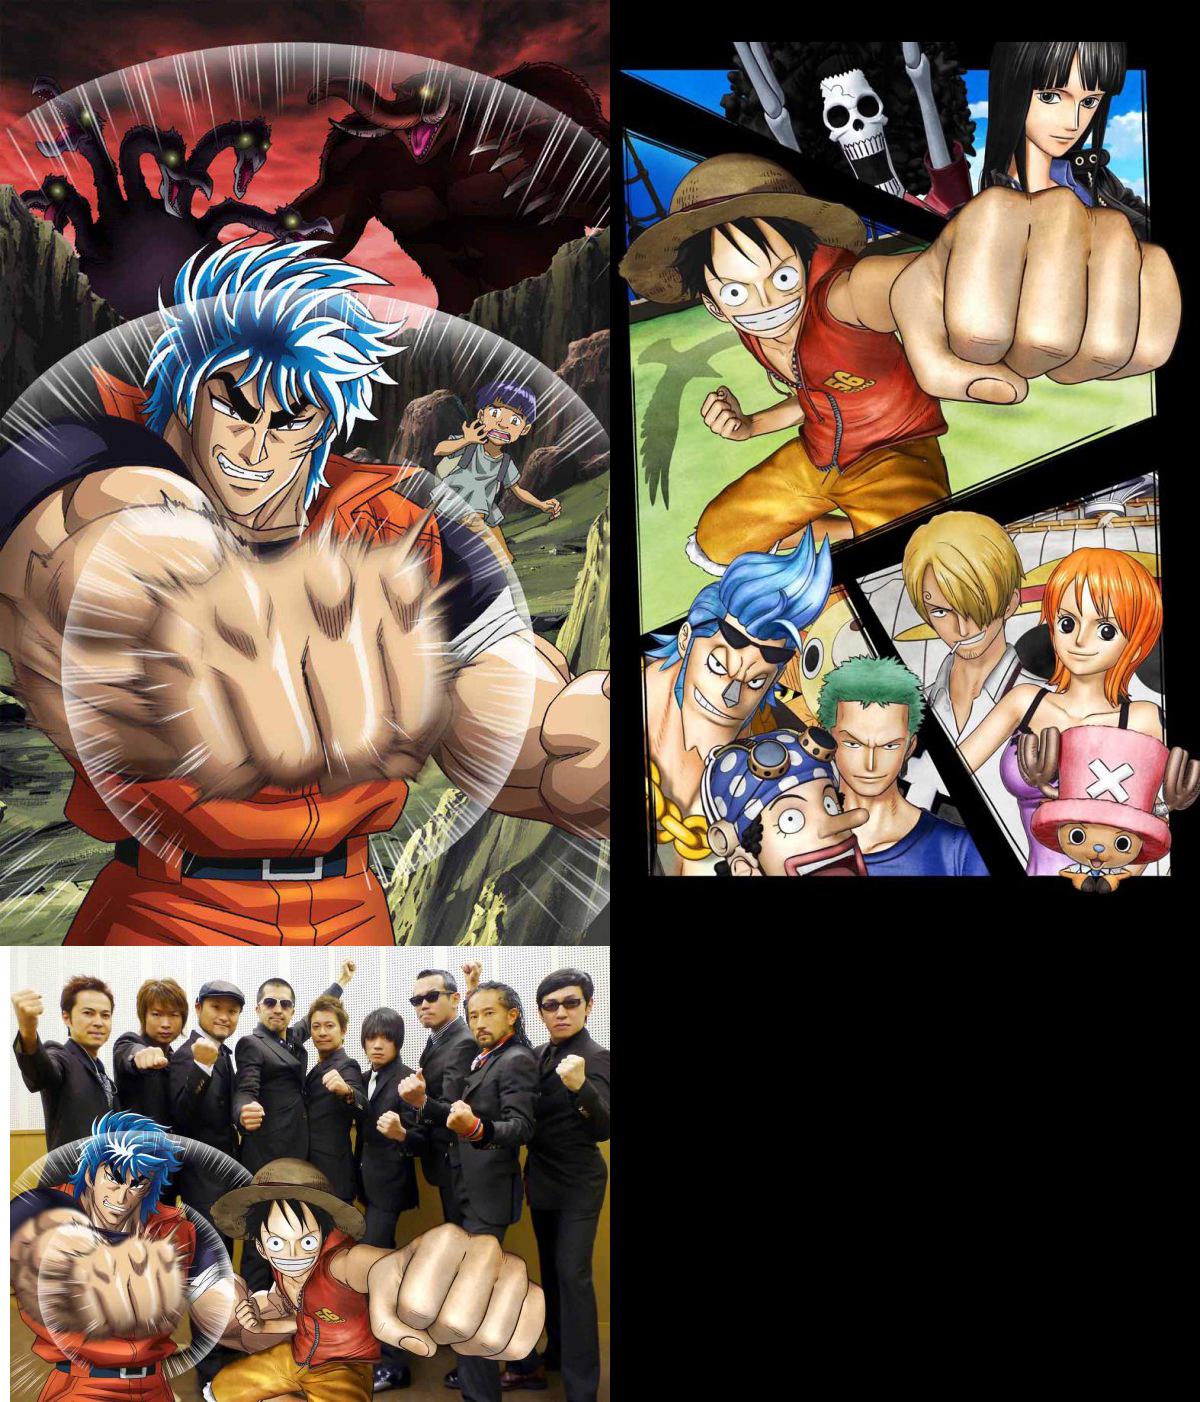 Midori Famiglia: Trailer Dos Filmes De One Piece E Toriko